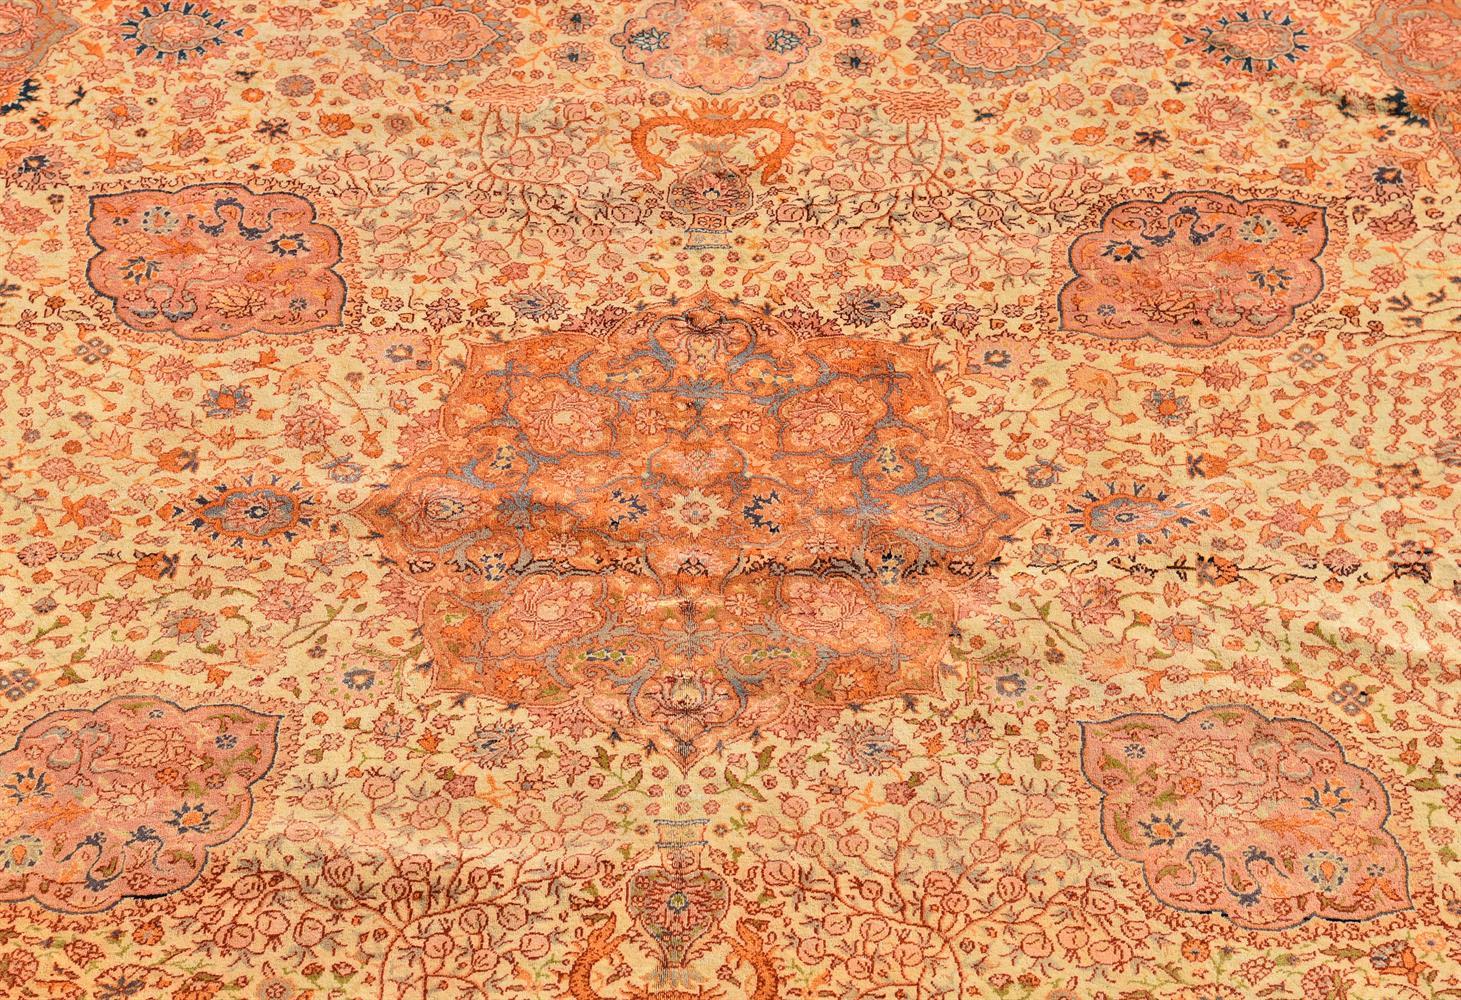 A SIVAS CARPET, approximately 442 x 330cm - Image 2 of 3